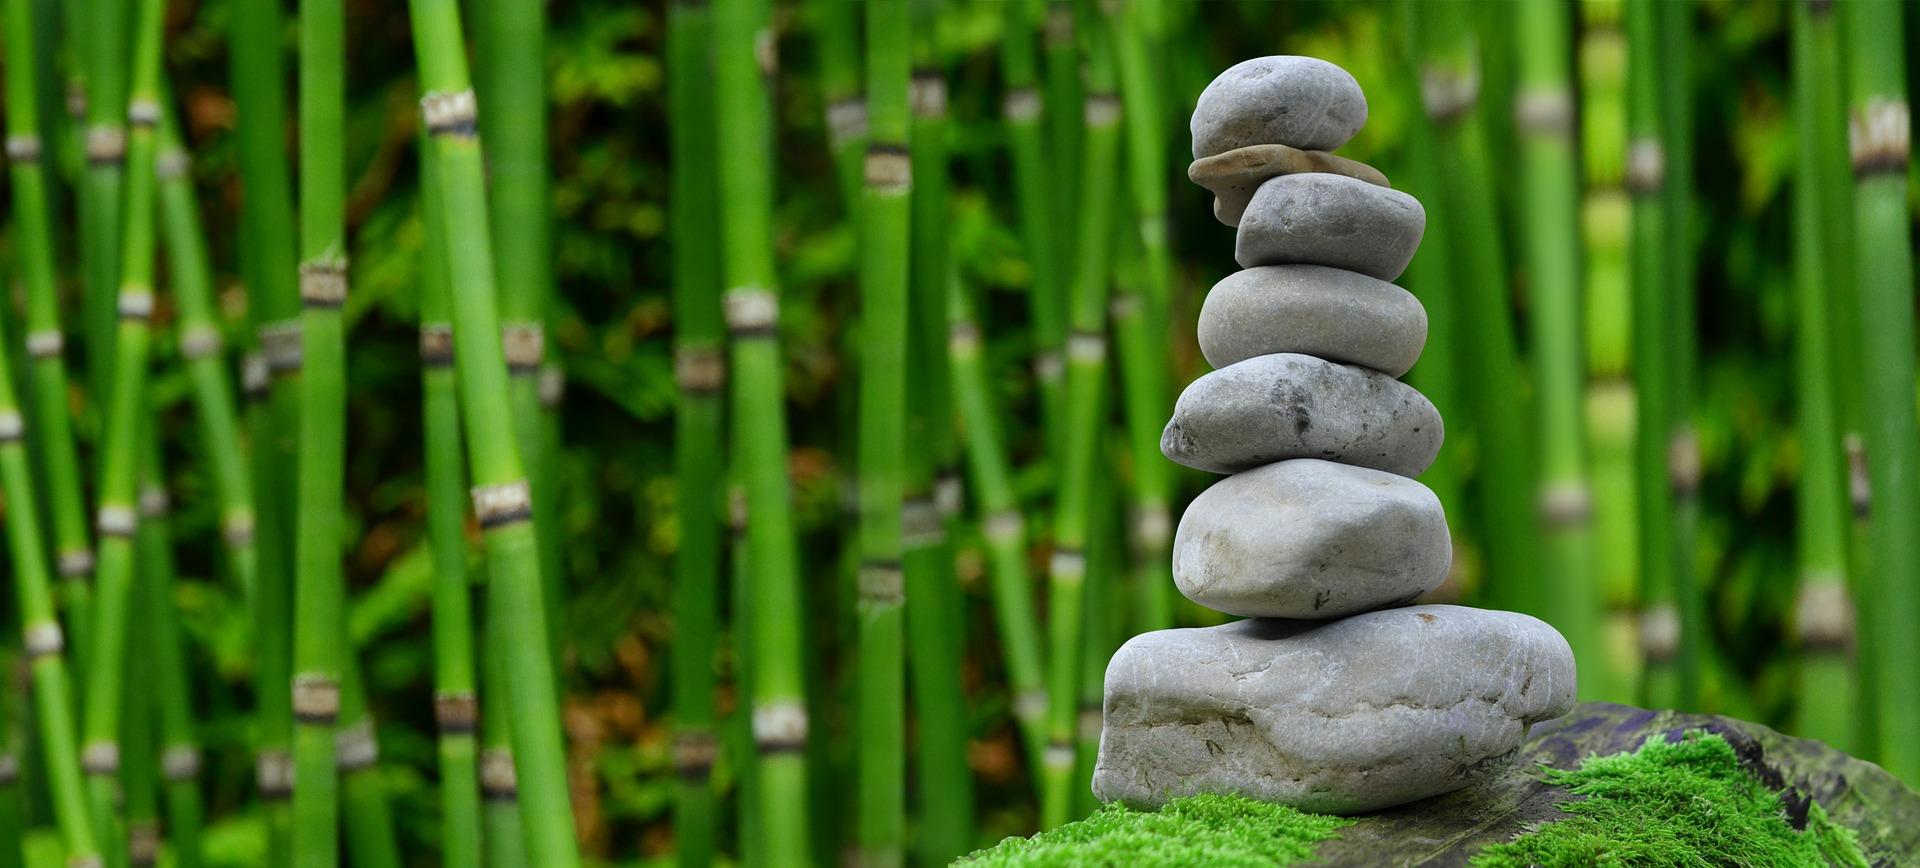 Sreća uz bambus koji zapravo uopće nije bambus